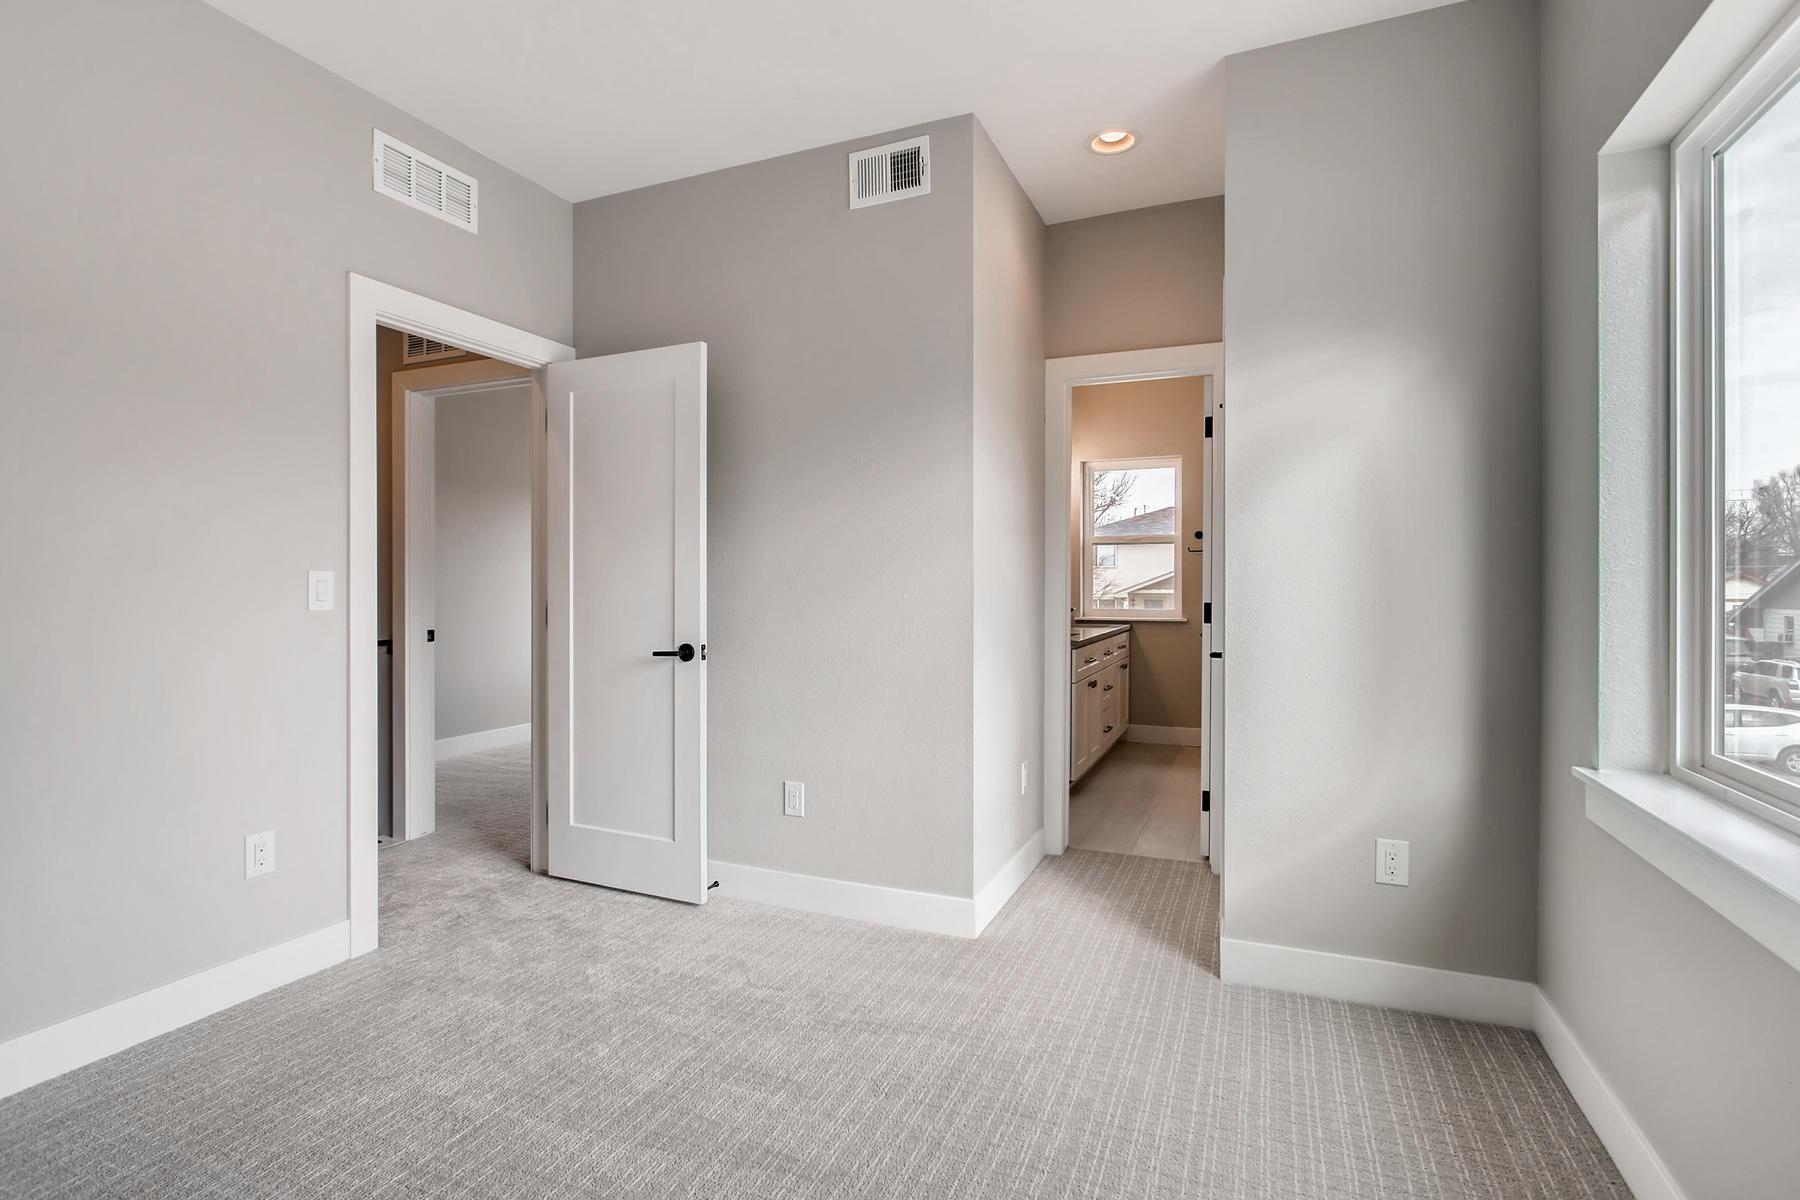 3101 S Cherokee St Englewood-021-21-2nd Floor Bedroom-MLS_Size.jpg